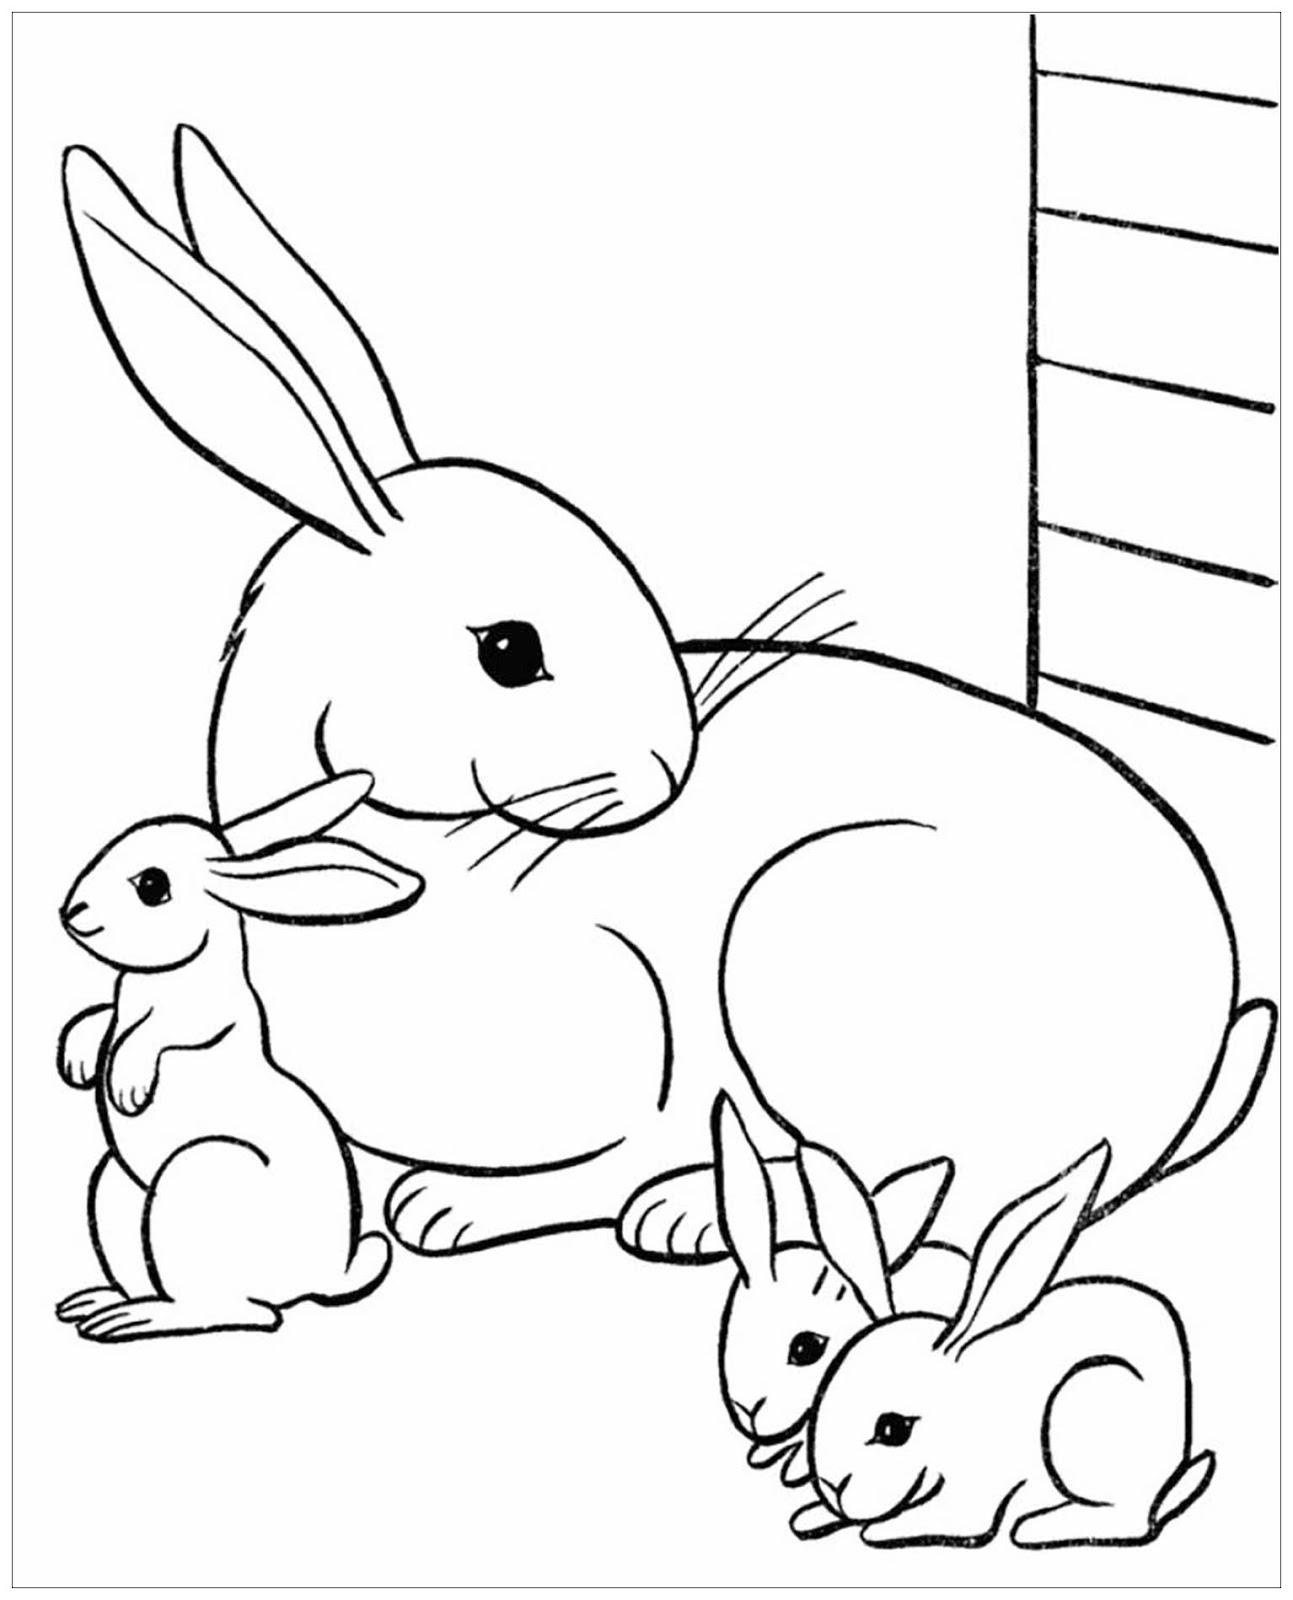 Tranh tô màu thỏ mẹ và ba chú thỏ con